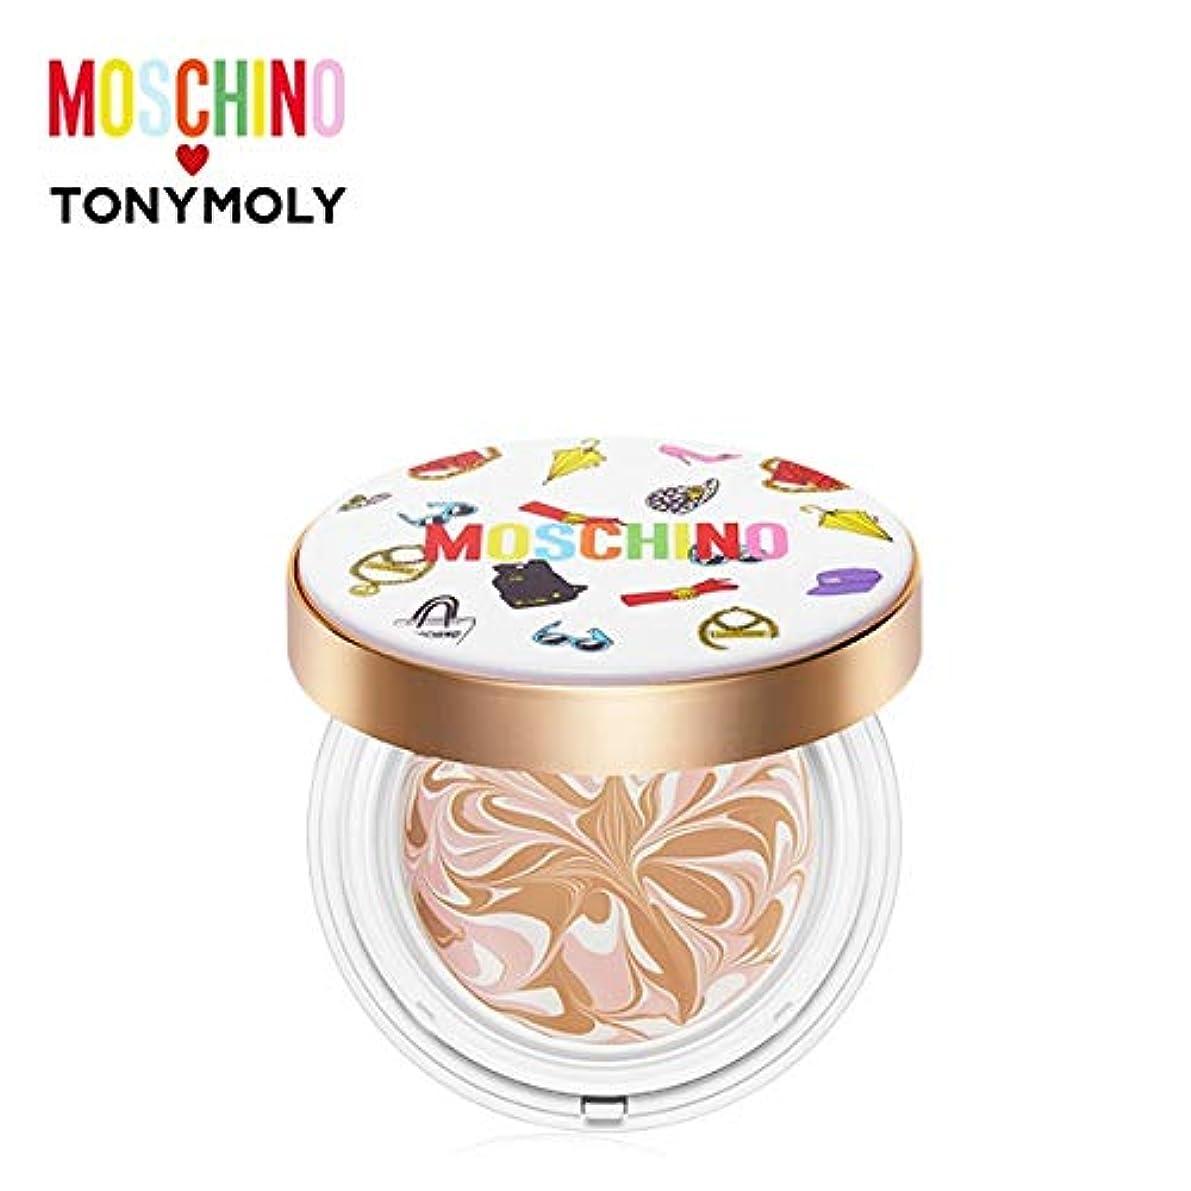 強打活発使用法トニーモリー [モスキーノ] シック スキン エッセンス パクト 18g TONYMOLY [MOSCHINO] Chic Skin Essence Pact #02 CHIC BEIGE [並行輸入品]